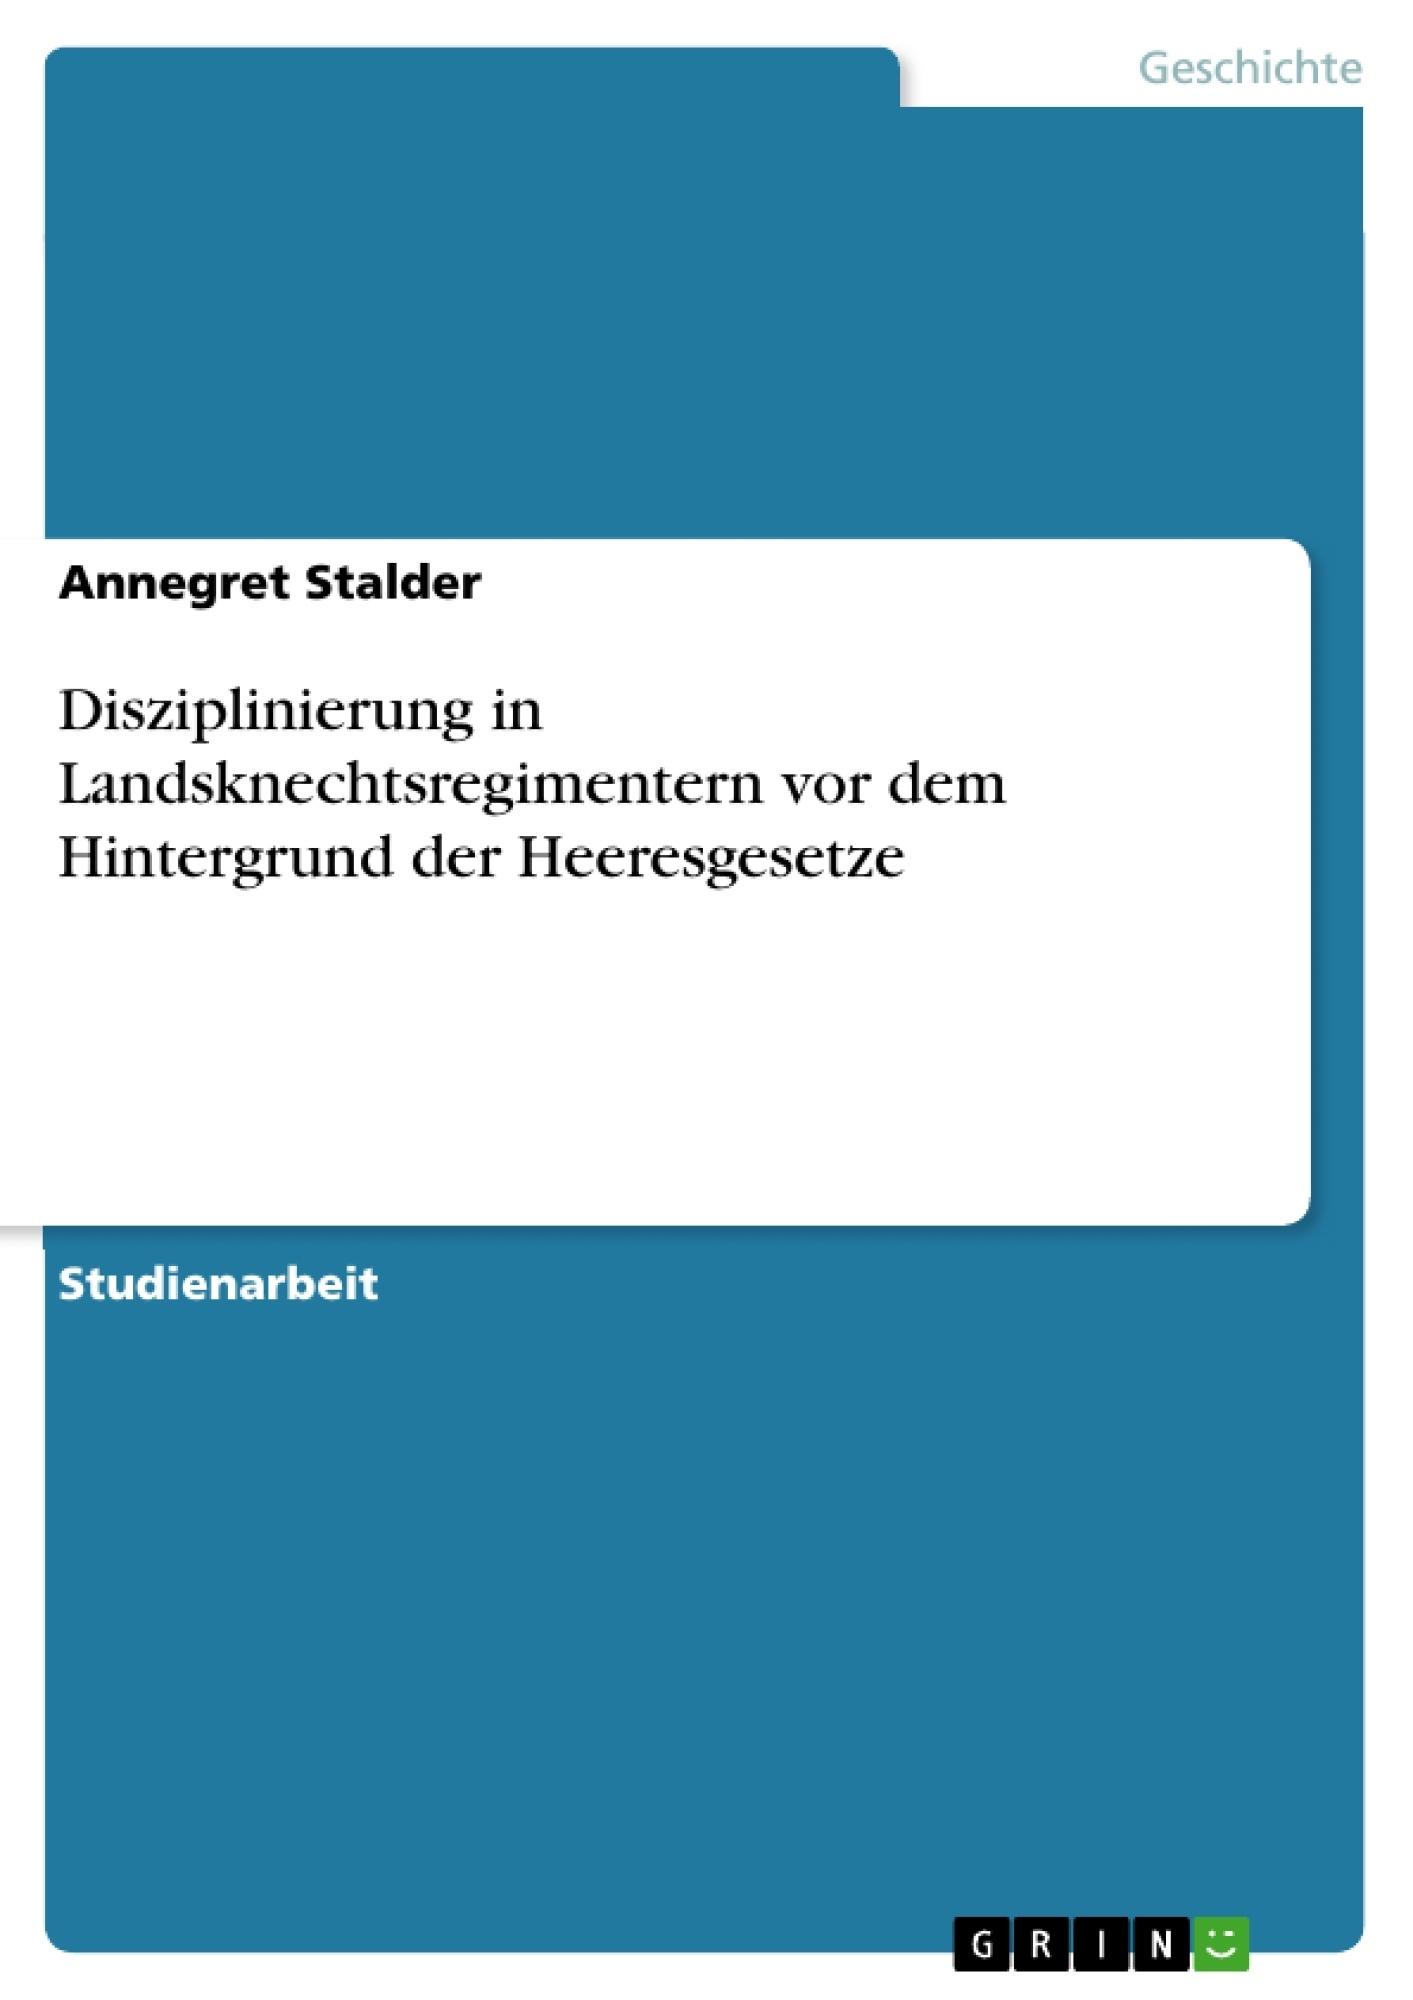 Titel: Disziplinierung in Landsknechtsregimentern vor dem Hintergrund der Heeresgesetze